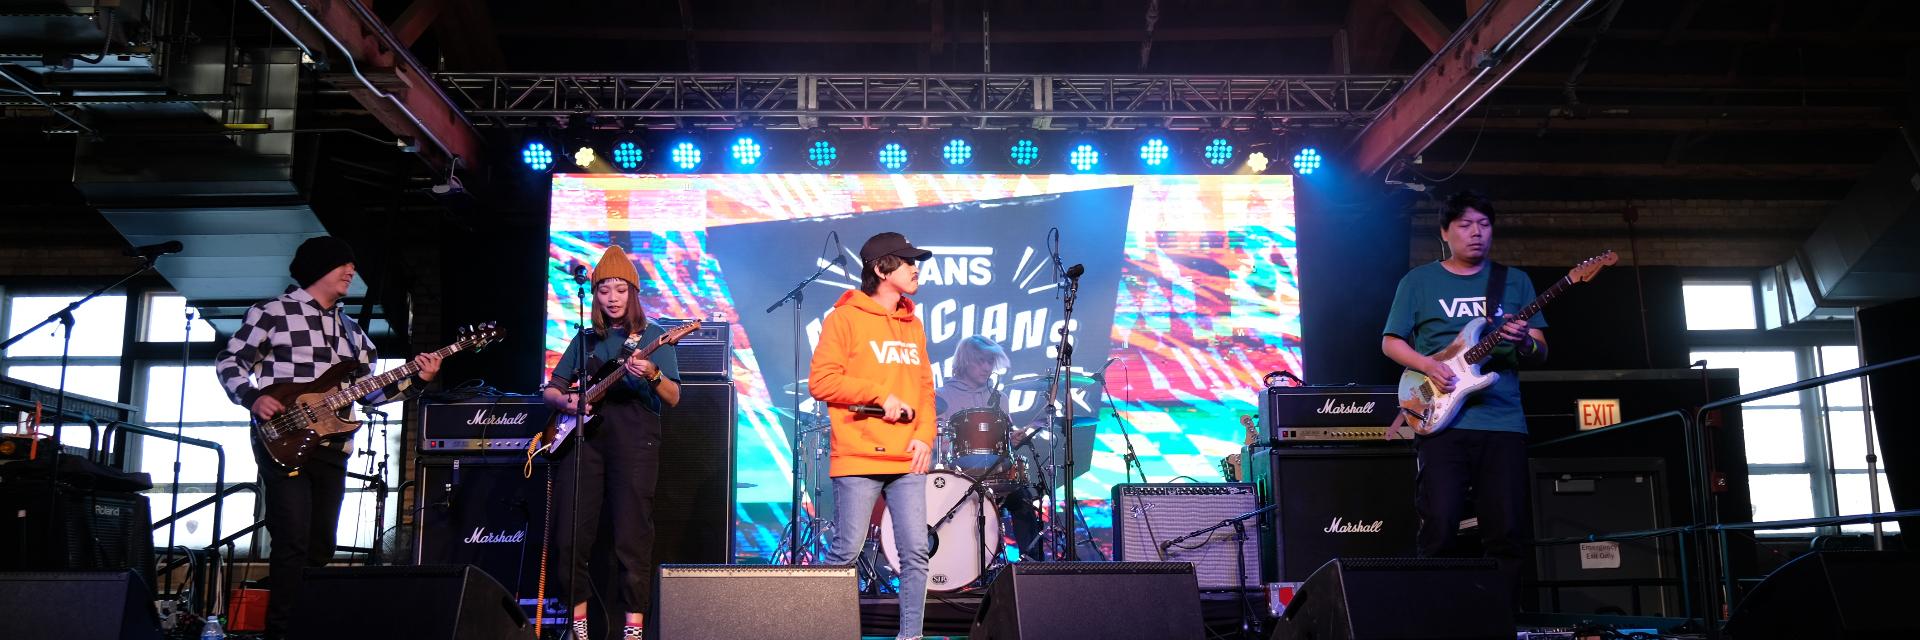 專訪 / 站上 HOUSE OF VANS 世界舞台!來自台南的台灣之光鐵擊:「在台灣玩團很辛苦,但也是我們的優勢!」